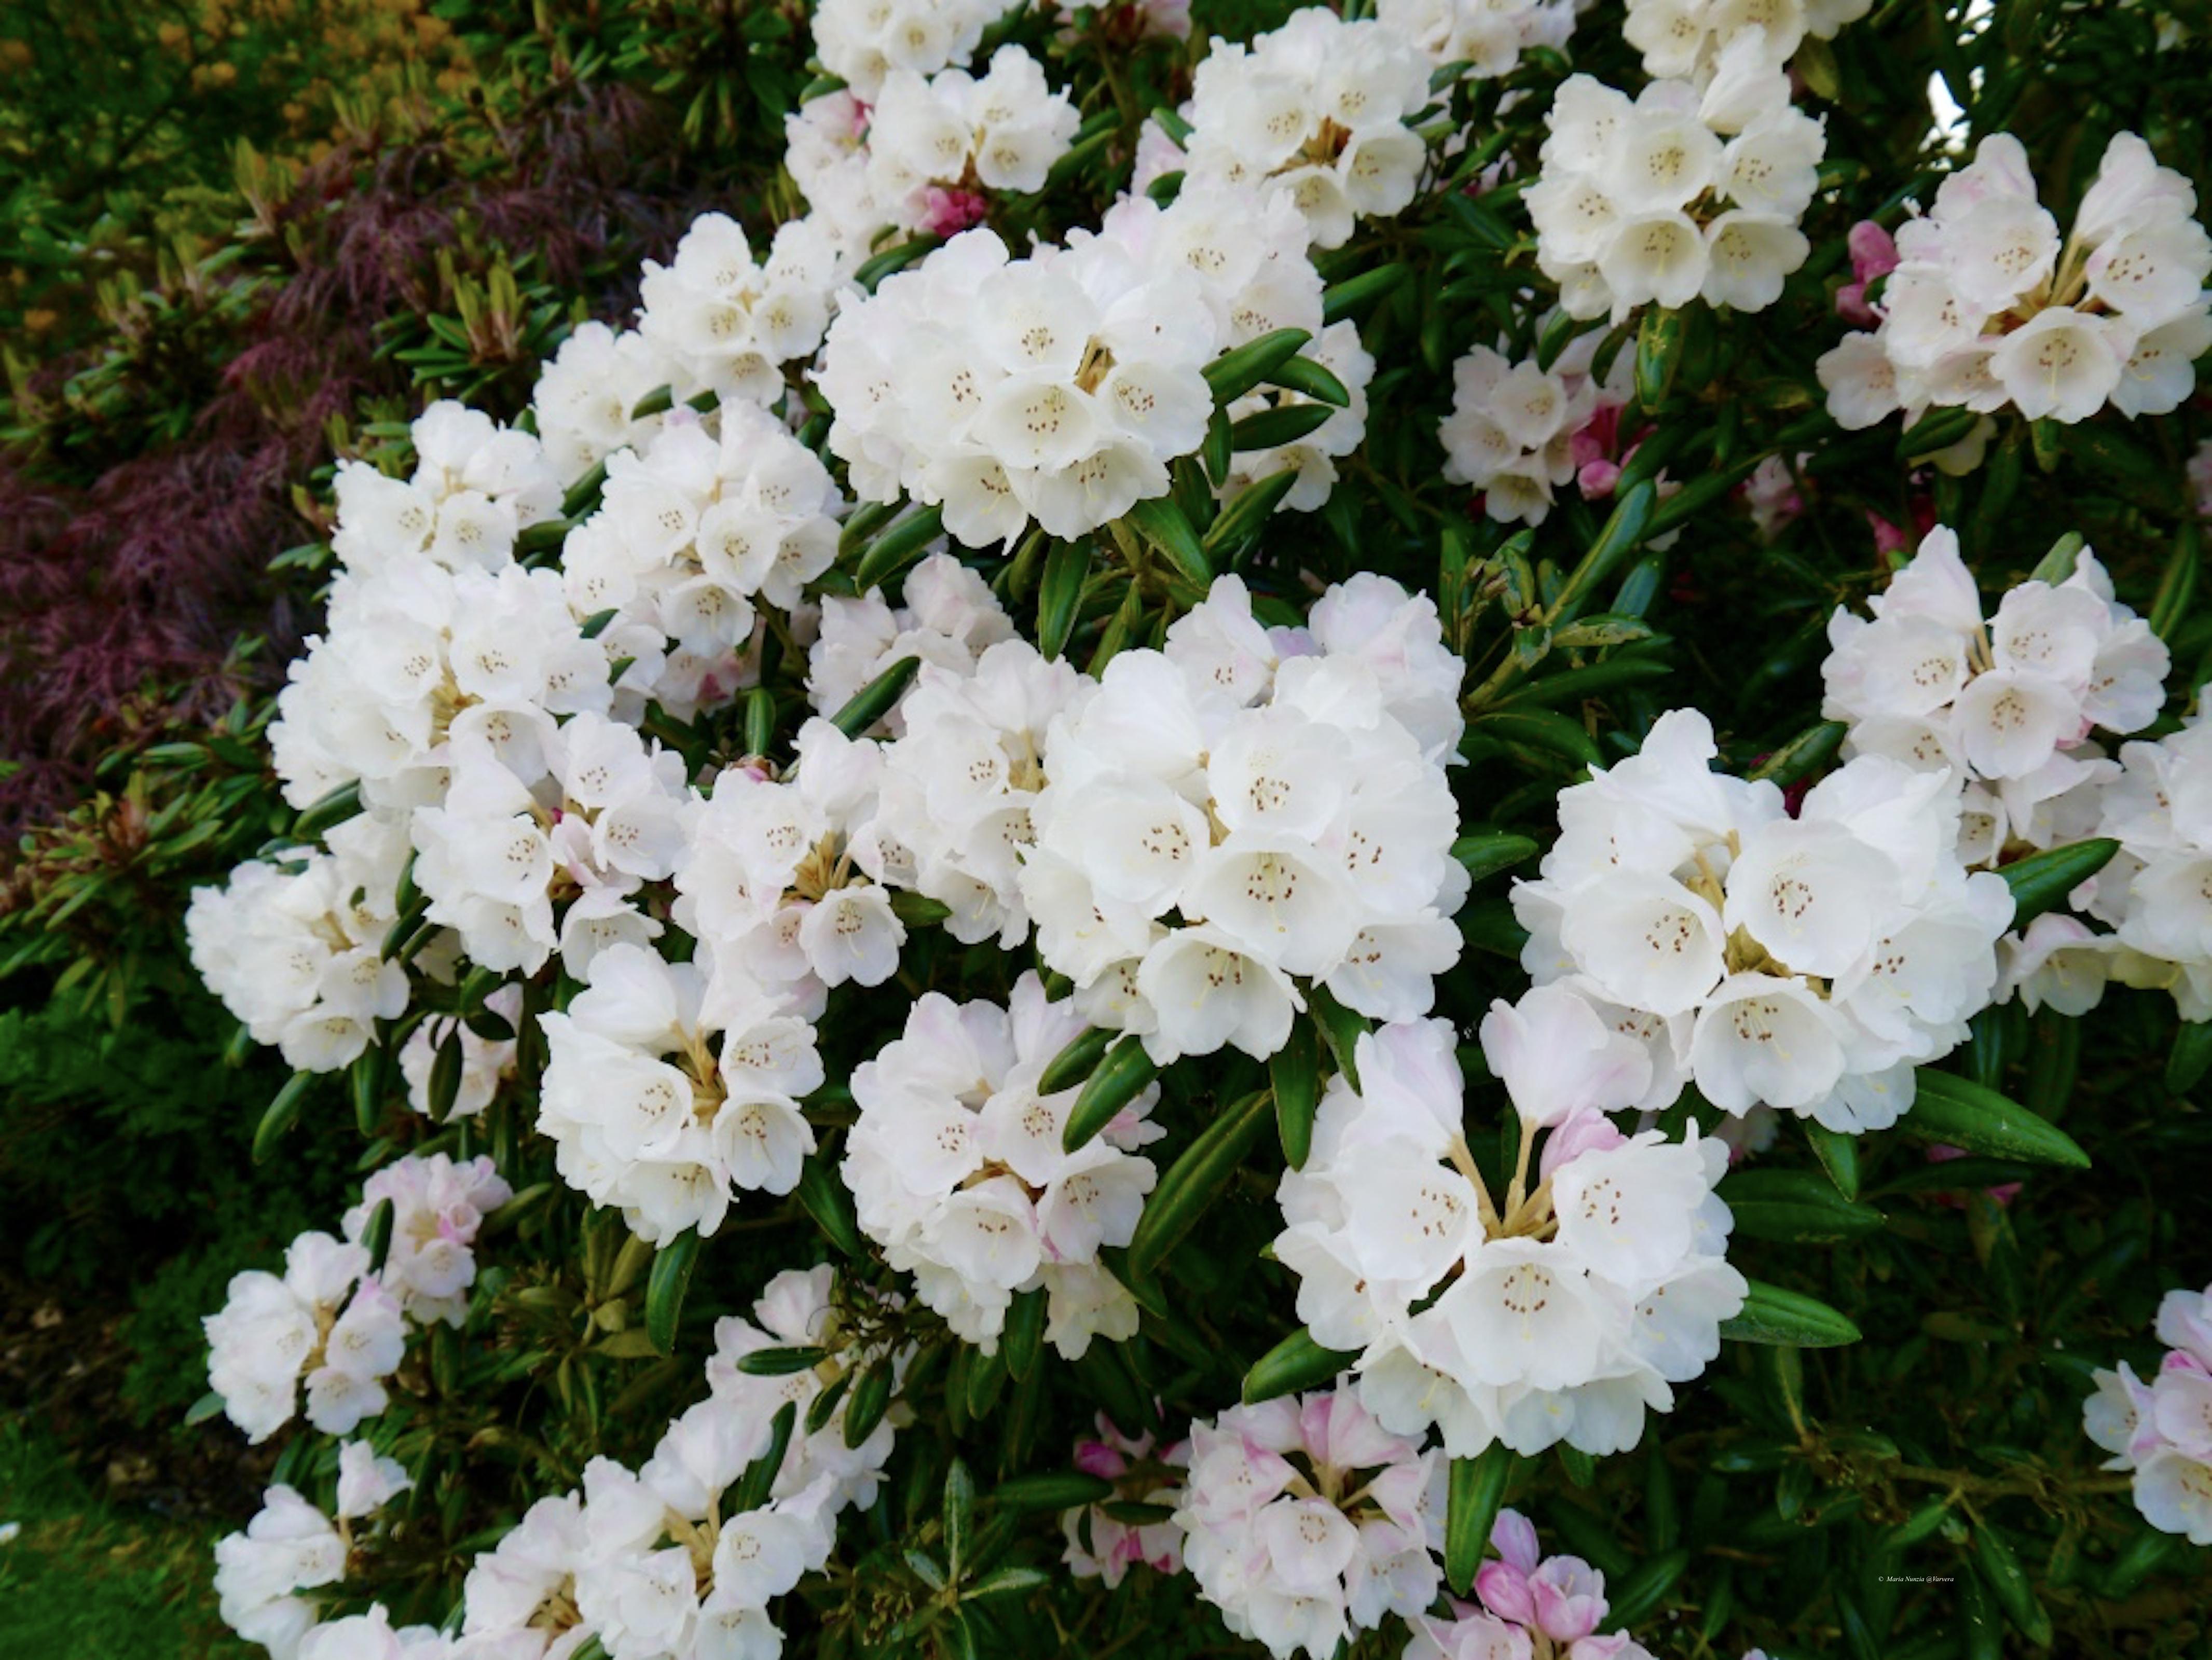 _Hodnet_Hall_Gardens_©__Maria_Nunzia__Varvera__P1460917_1024